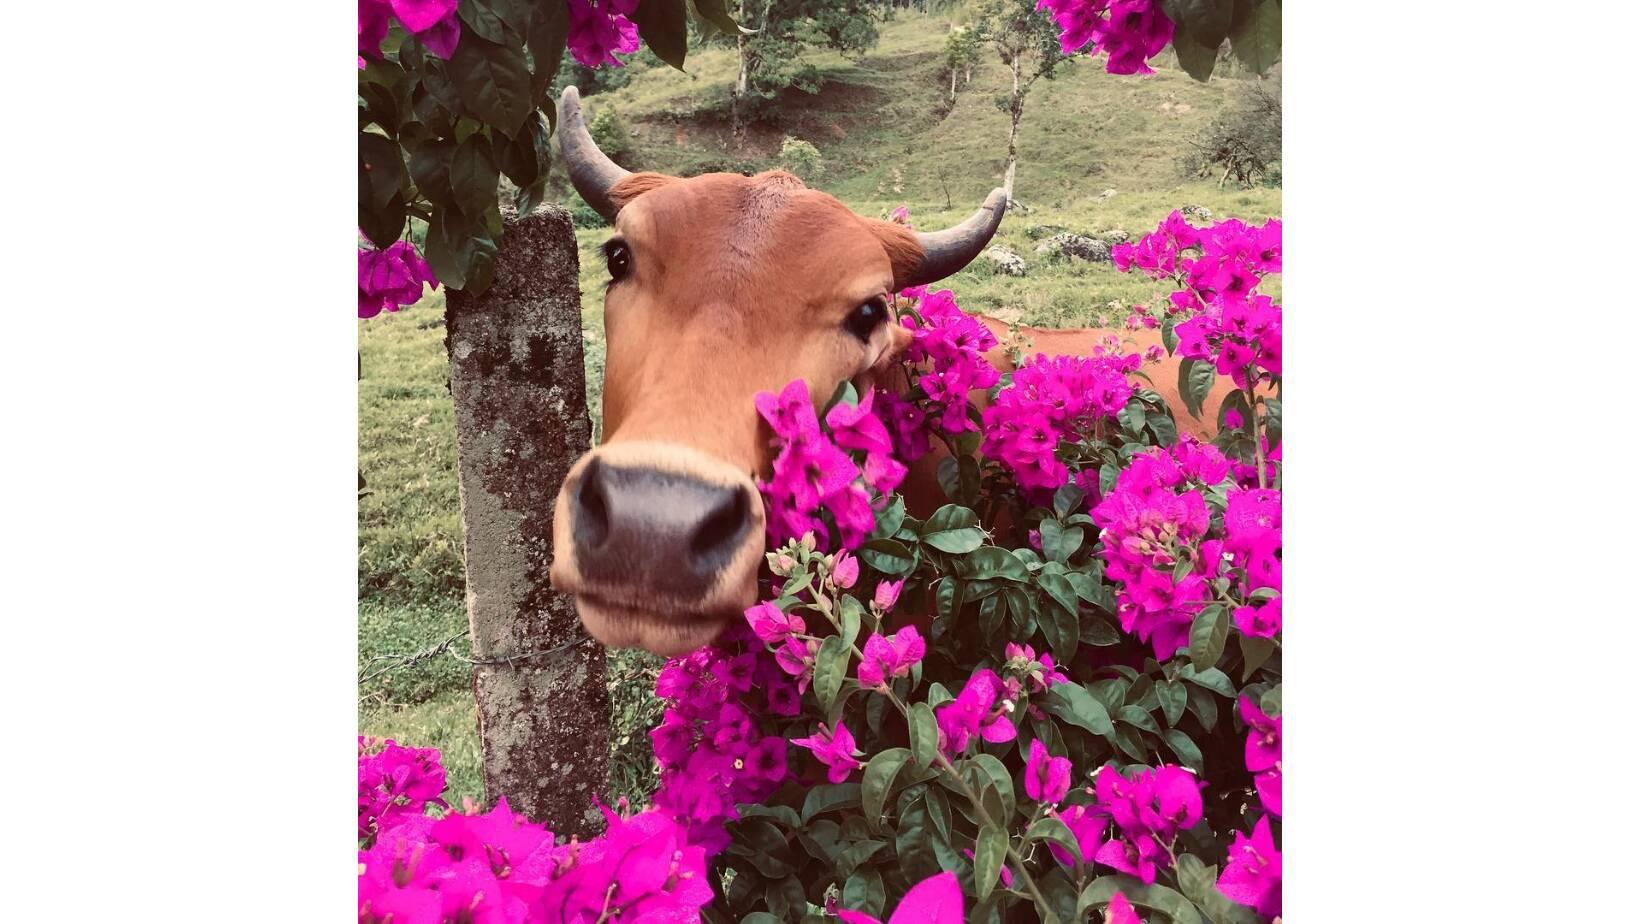 Beth em meio as flores. Foto: Reprodução/Instagram @vaquinhabeth